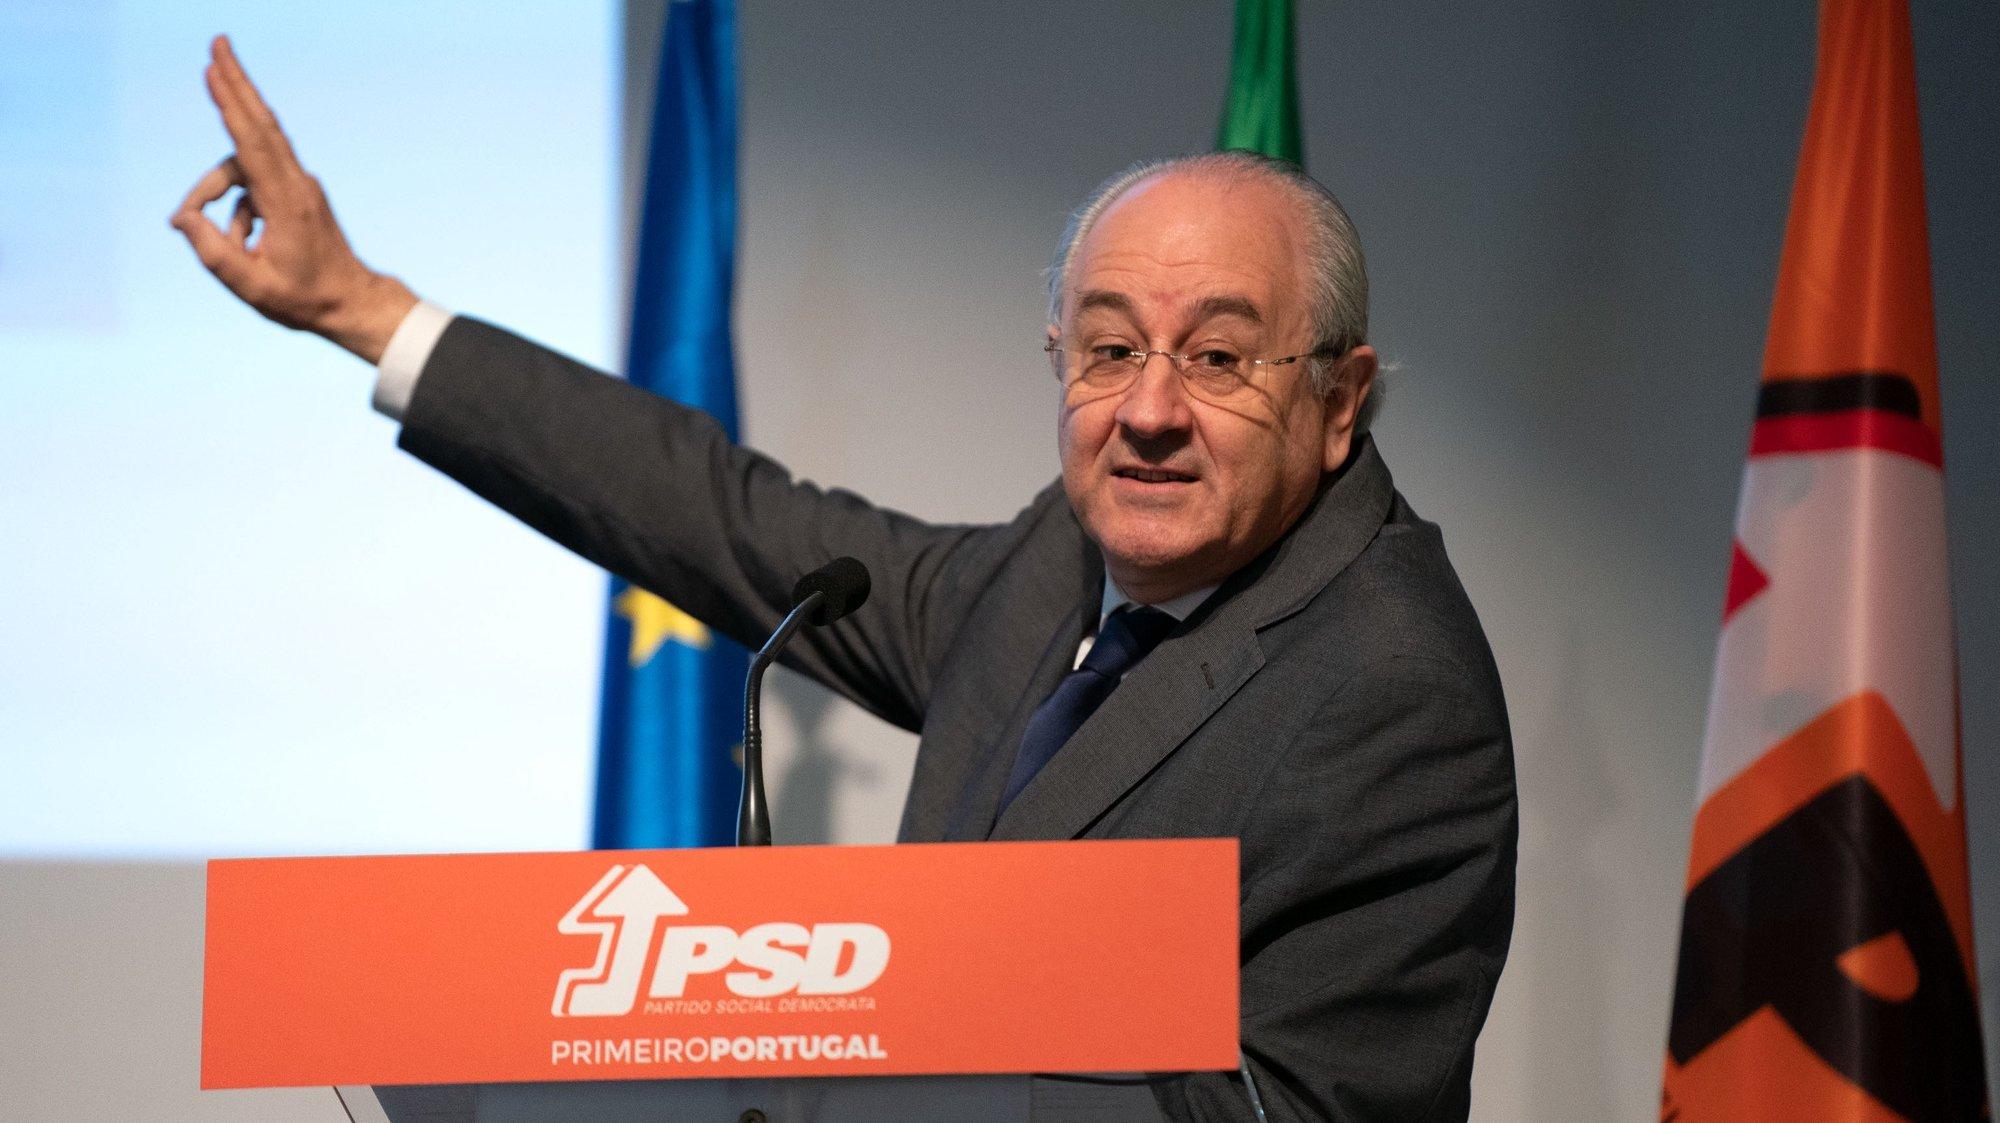 O presidente do Partido Social Demovtara (PSD), Rui Rio, durante a apresentação da proposta para reforma do sistema eleitoral, na Casa Municipal da Cultura de Pedrógão Grande, 23 de julho de 2021. SÉRGIO AZENHA/LUSA